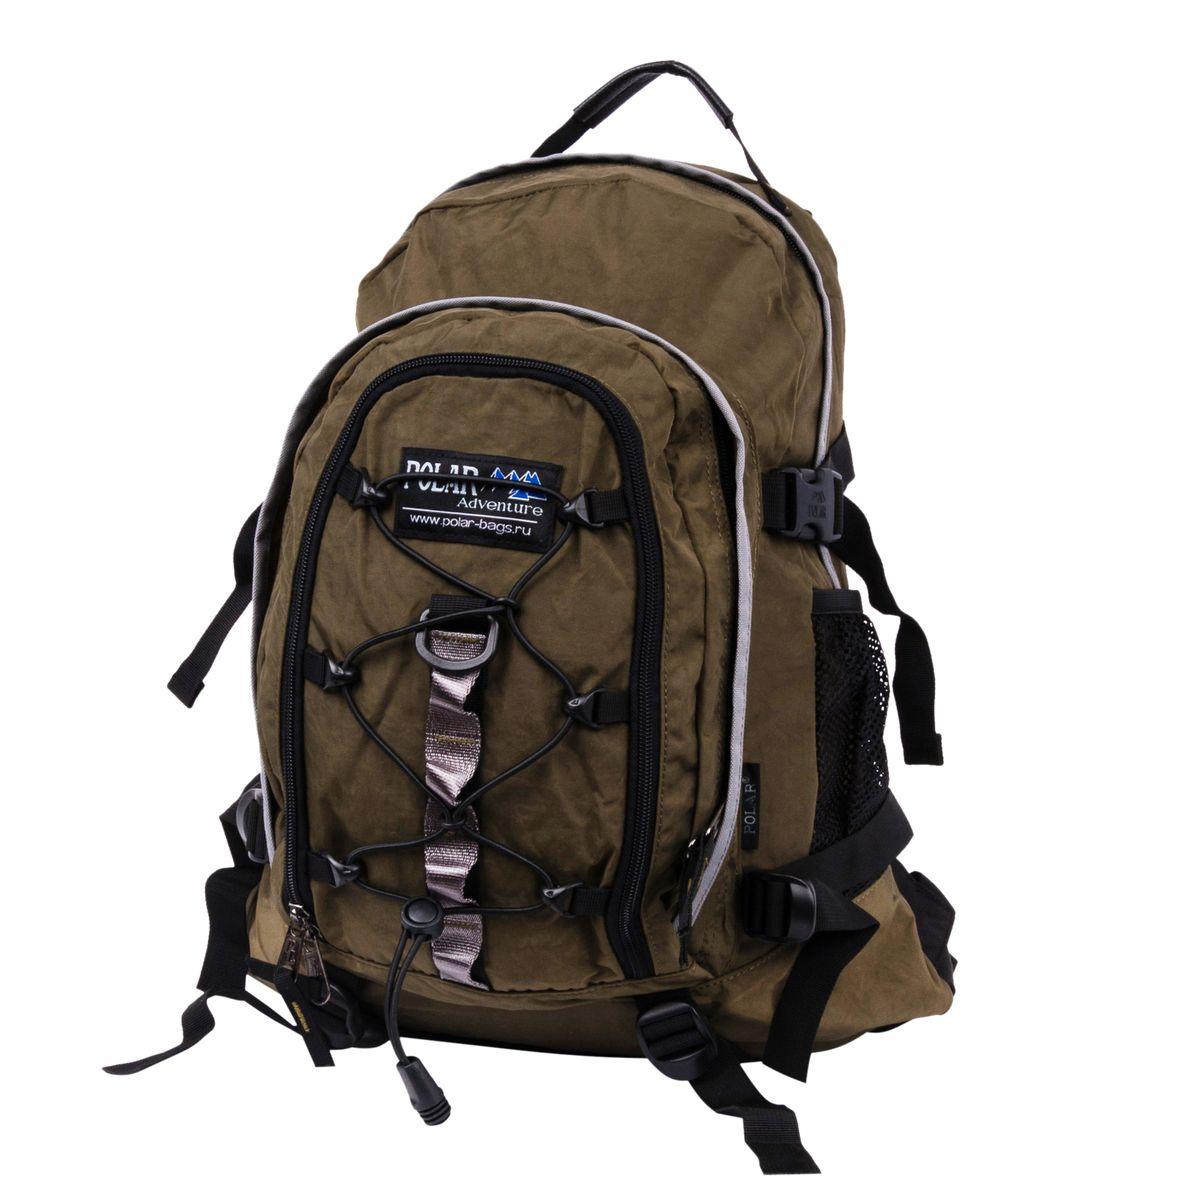 Рюкзак городской Polar, 27 л, цвет: темно-зеленый. П1956-08П1956-08Городской рюкзак с модным дизайном. Полностью вентилируемая и удобная мягкая спинка, мягкие плечевые лямки создают дополнительный комфорт при ношении. Центральный отсек для персональных вещей и документов A4 на двухсторонних молниях для удобства. Маленький карман для mp3, CD плеера. Петли для снаряжения дают возможность крепления на рюкзак дополнительного оборудования. Два боковых кармана под бутылки с водой на резинке. Регулирующая грудная стяжка с удобным фиксатором. Регулирующий поясной ремень, удерживает плотно рюкзак на спине, что очень удобно при езде на велосипеде или продолжительных походах. Система циркуляции воздуха Air. Материал Polyester.